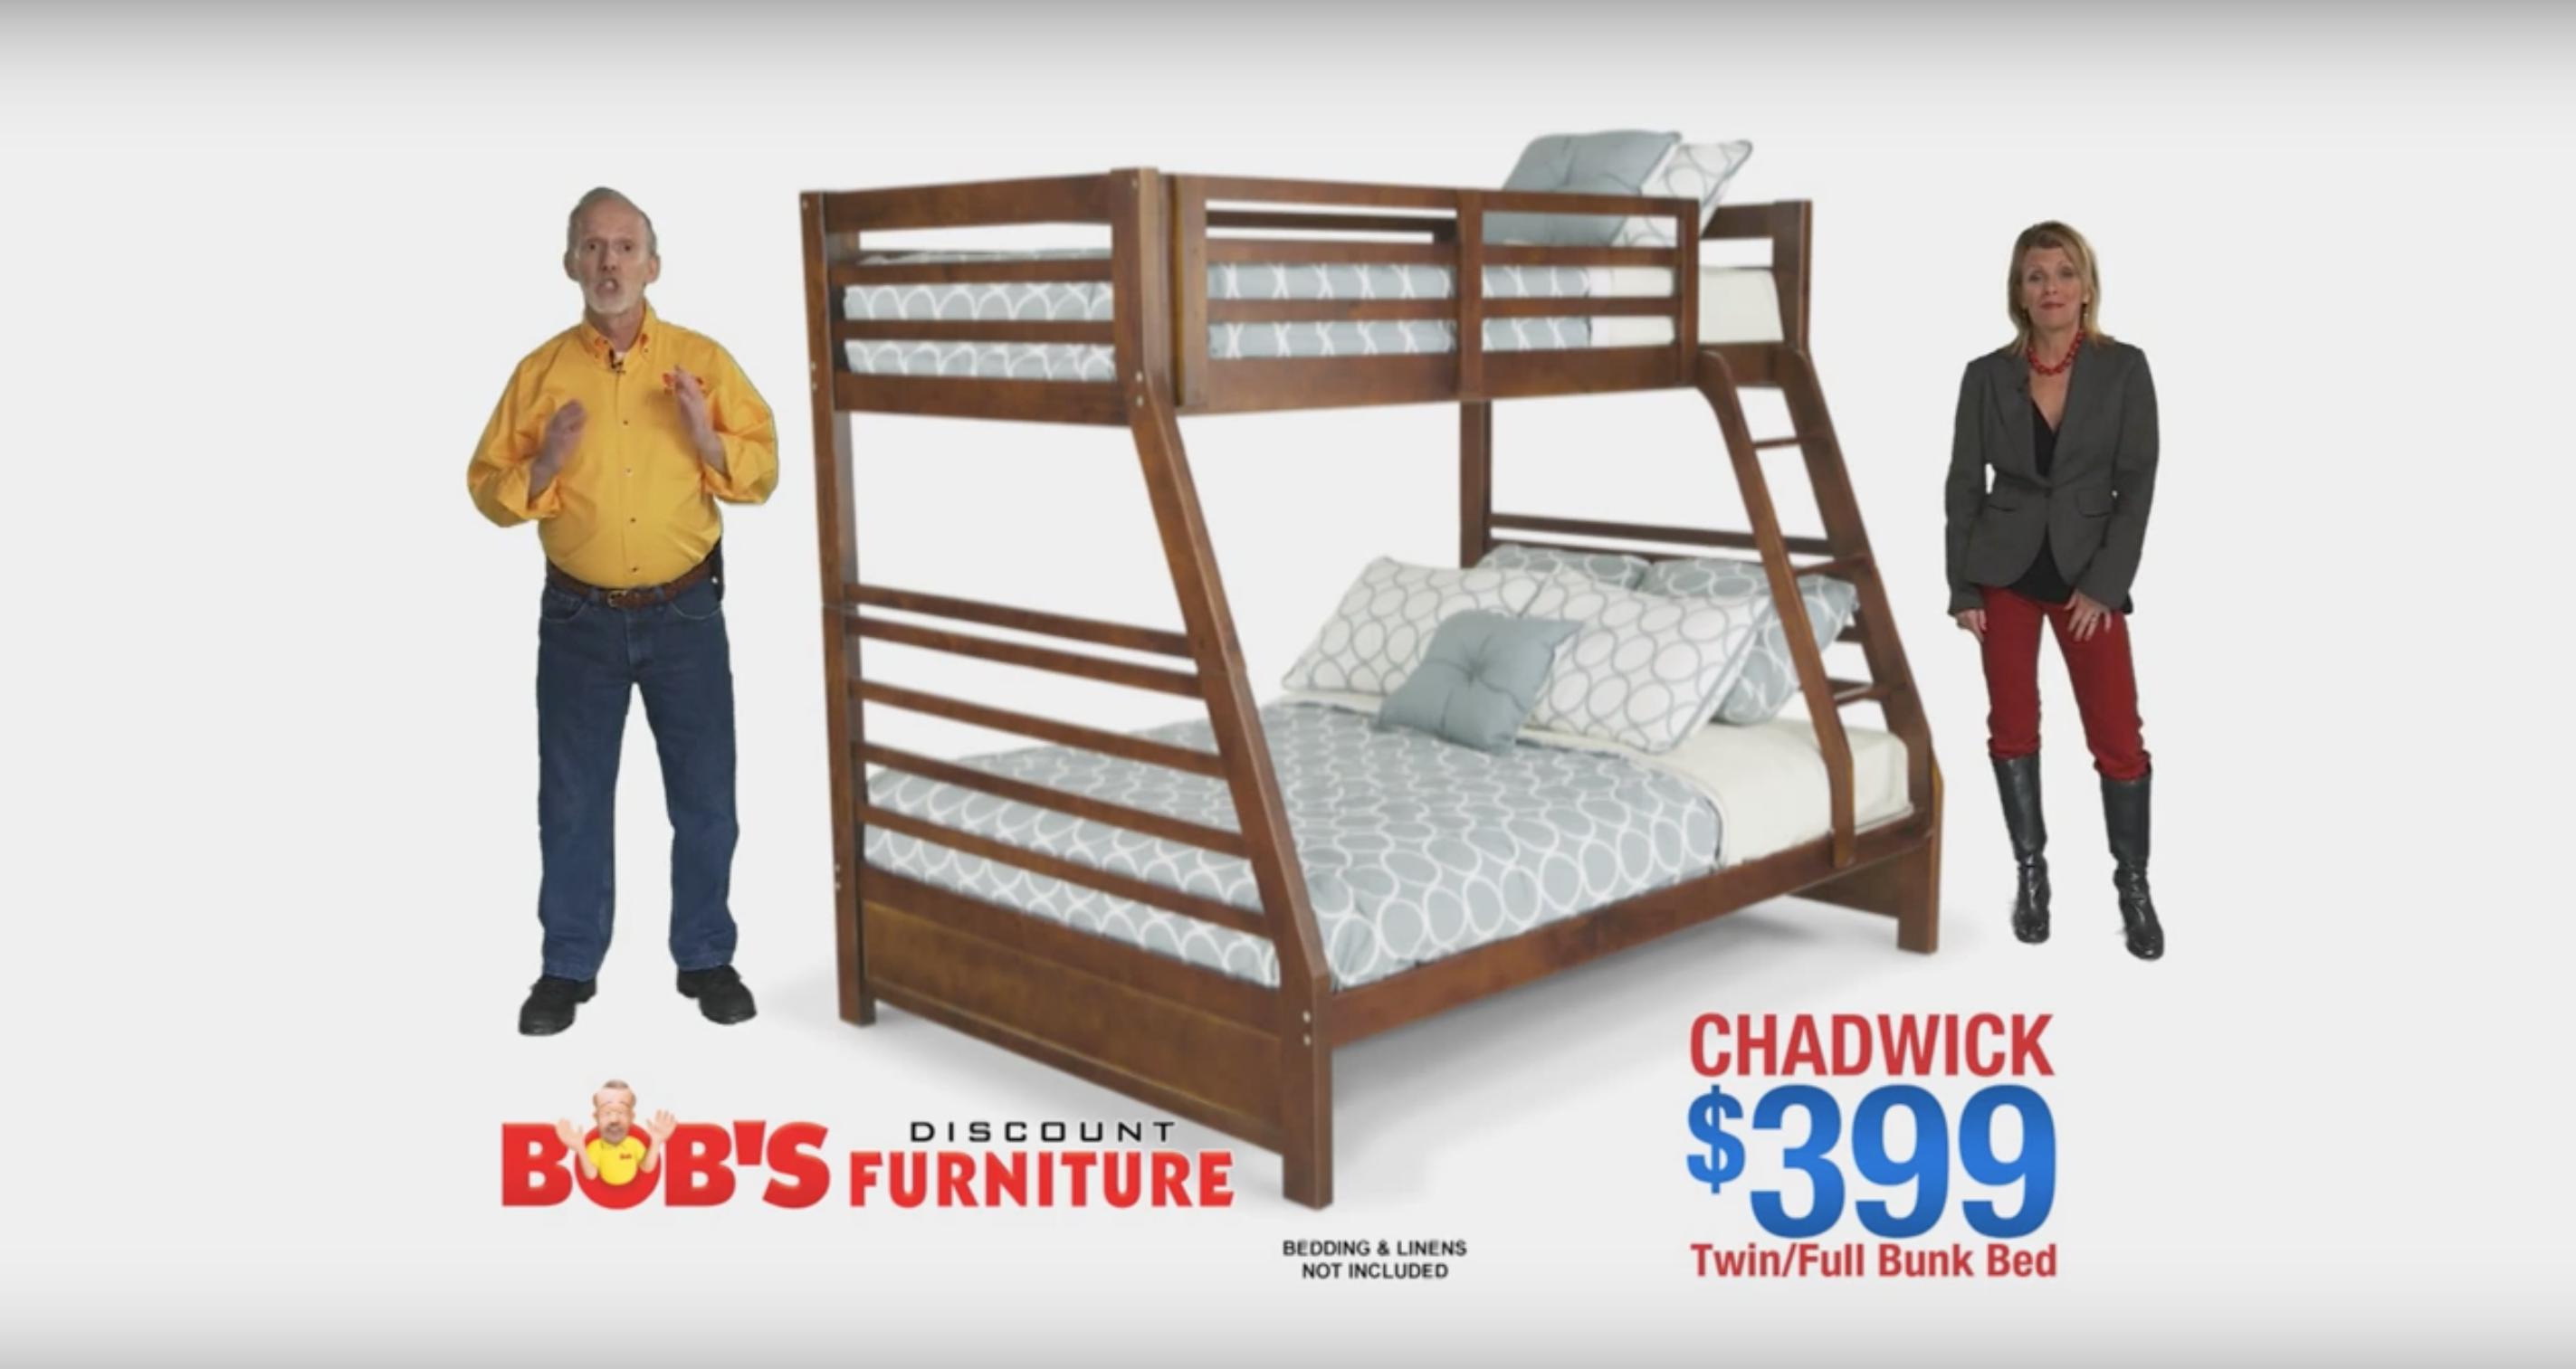 Bob S Discount Furniture Commercial Bob S Discount Furniture Furniture Discount Furniture